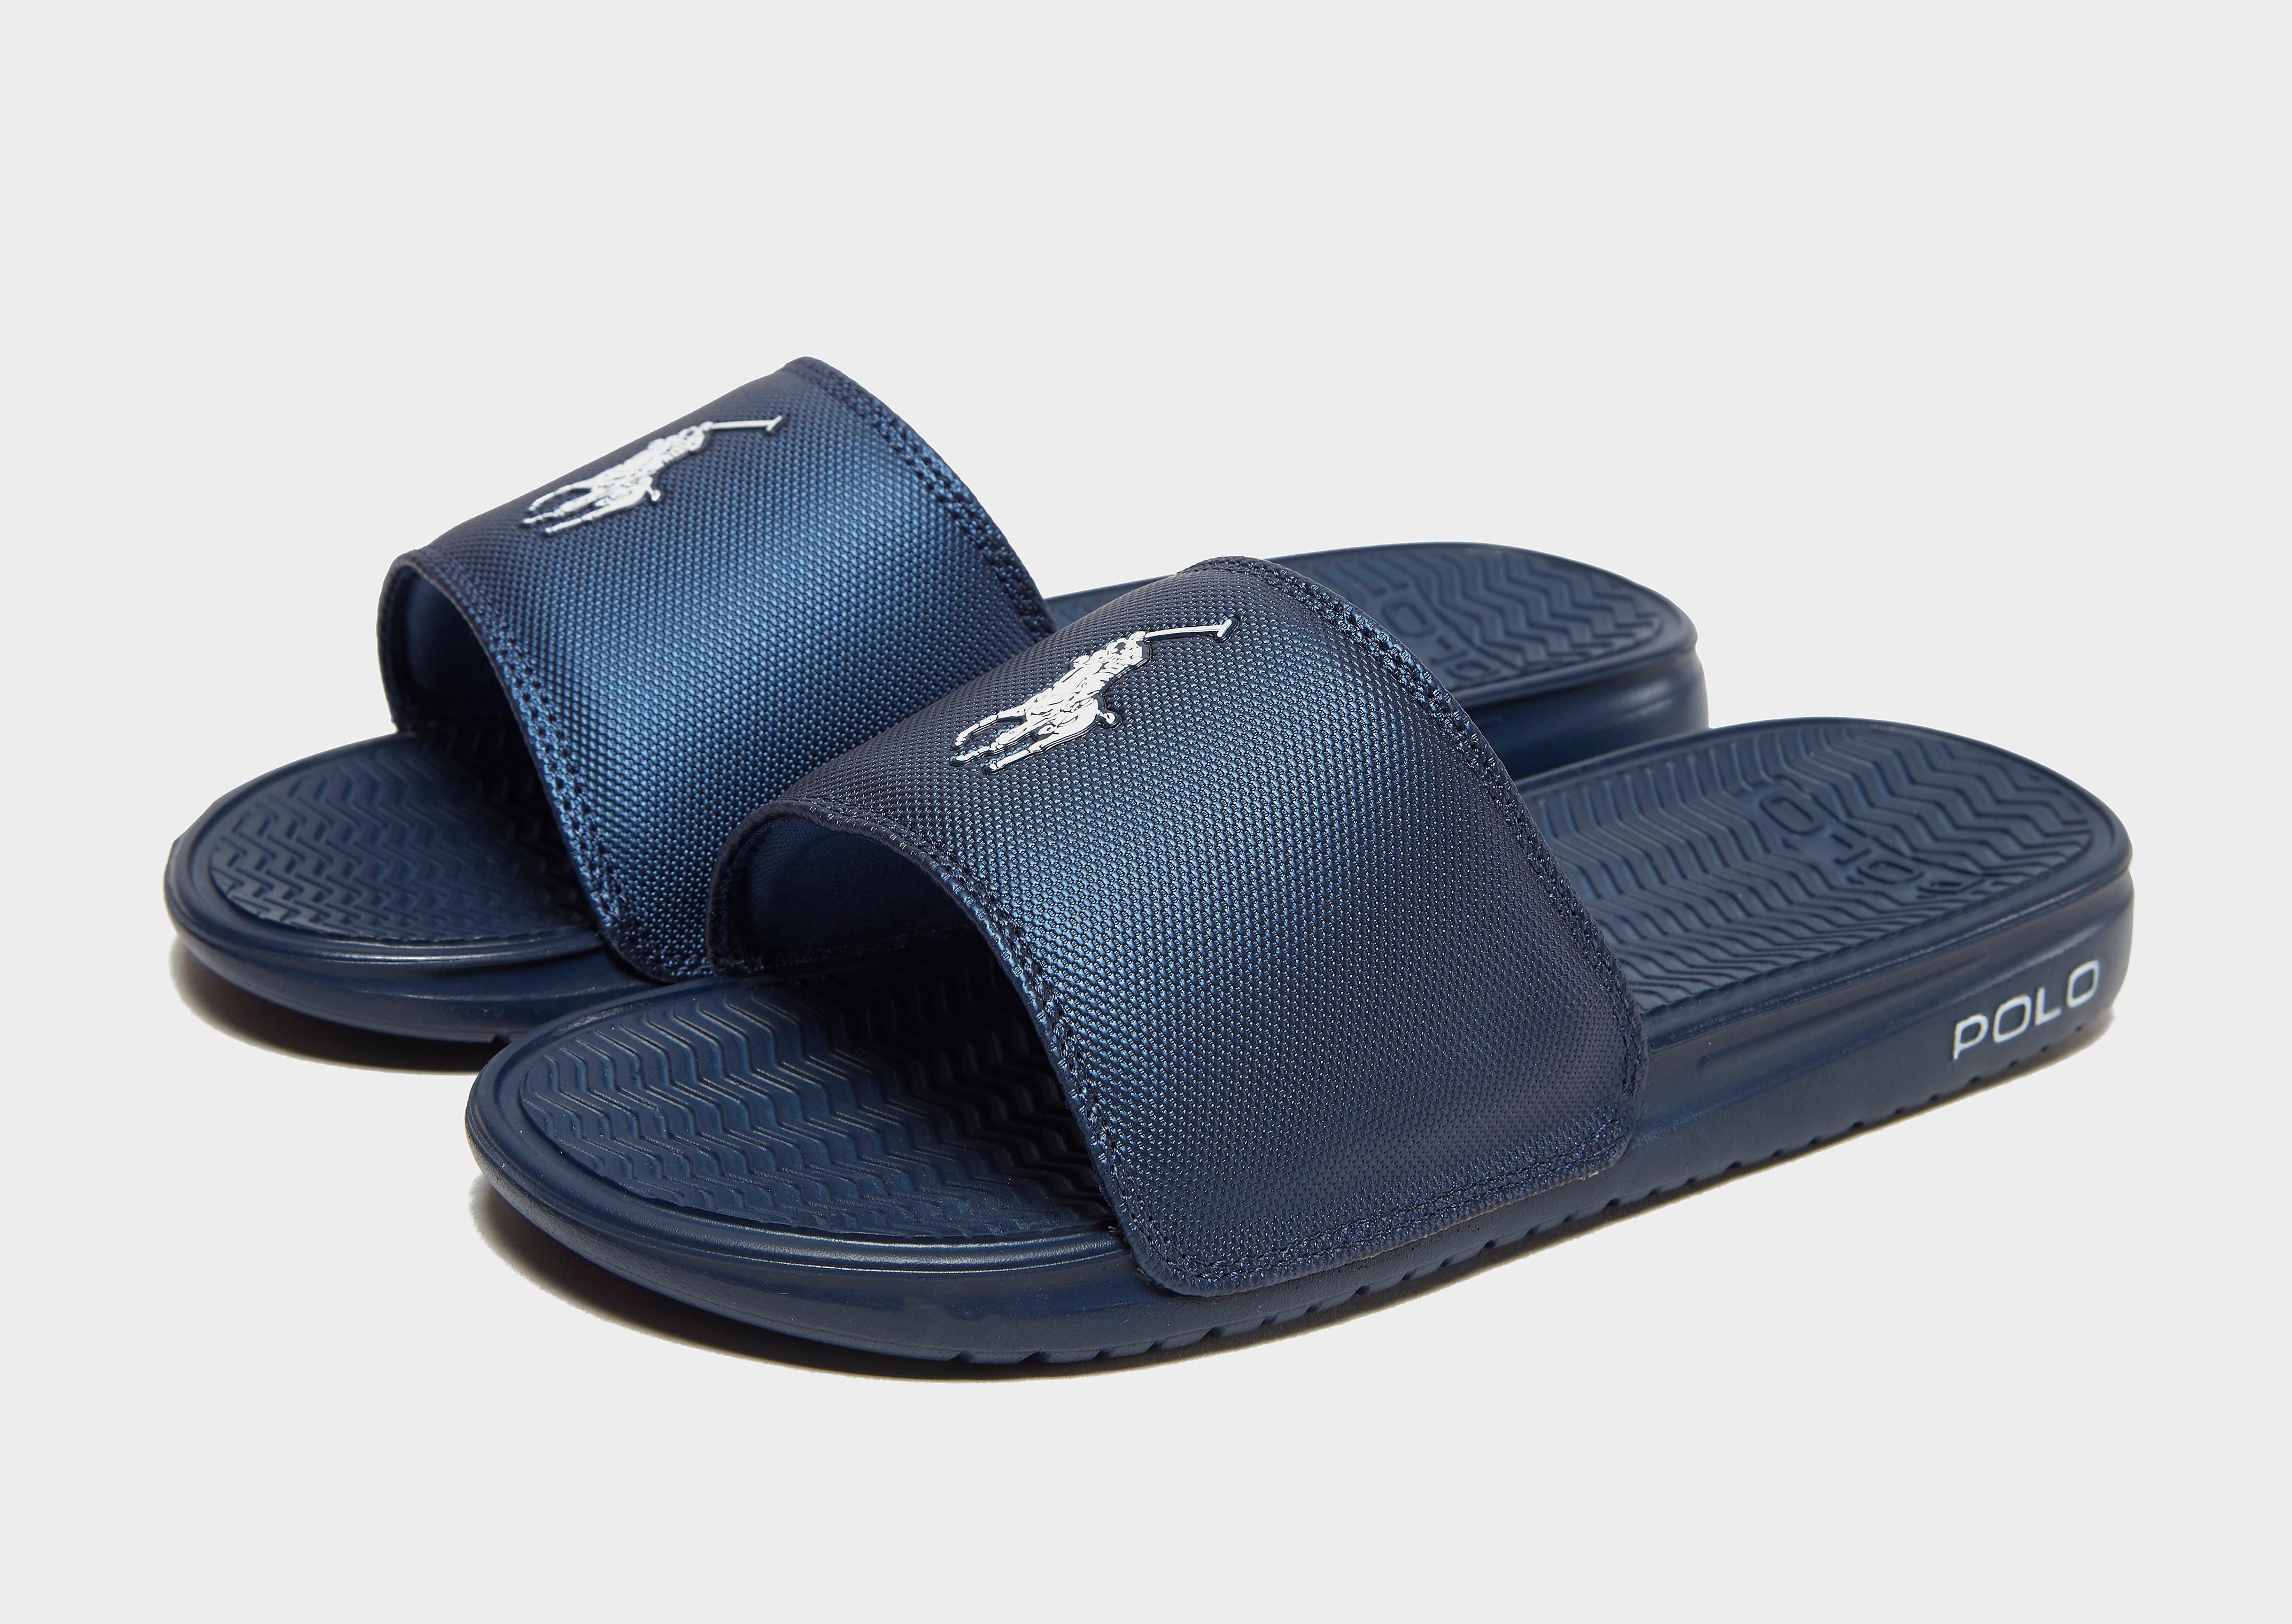 Polo Ralph Lauren Rodwell Slide Sandals